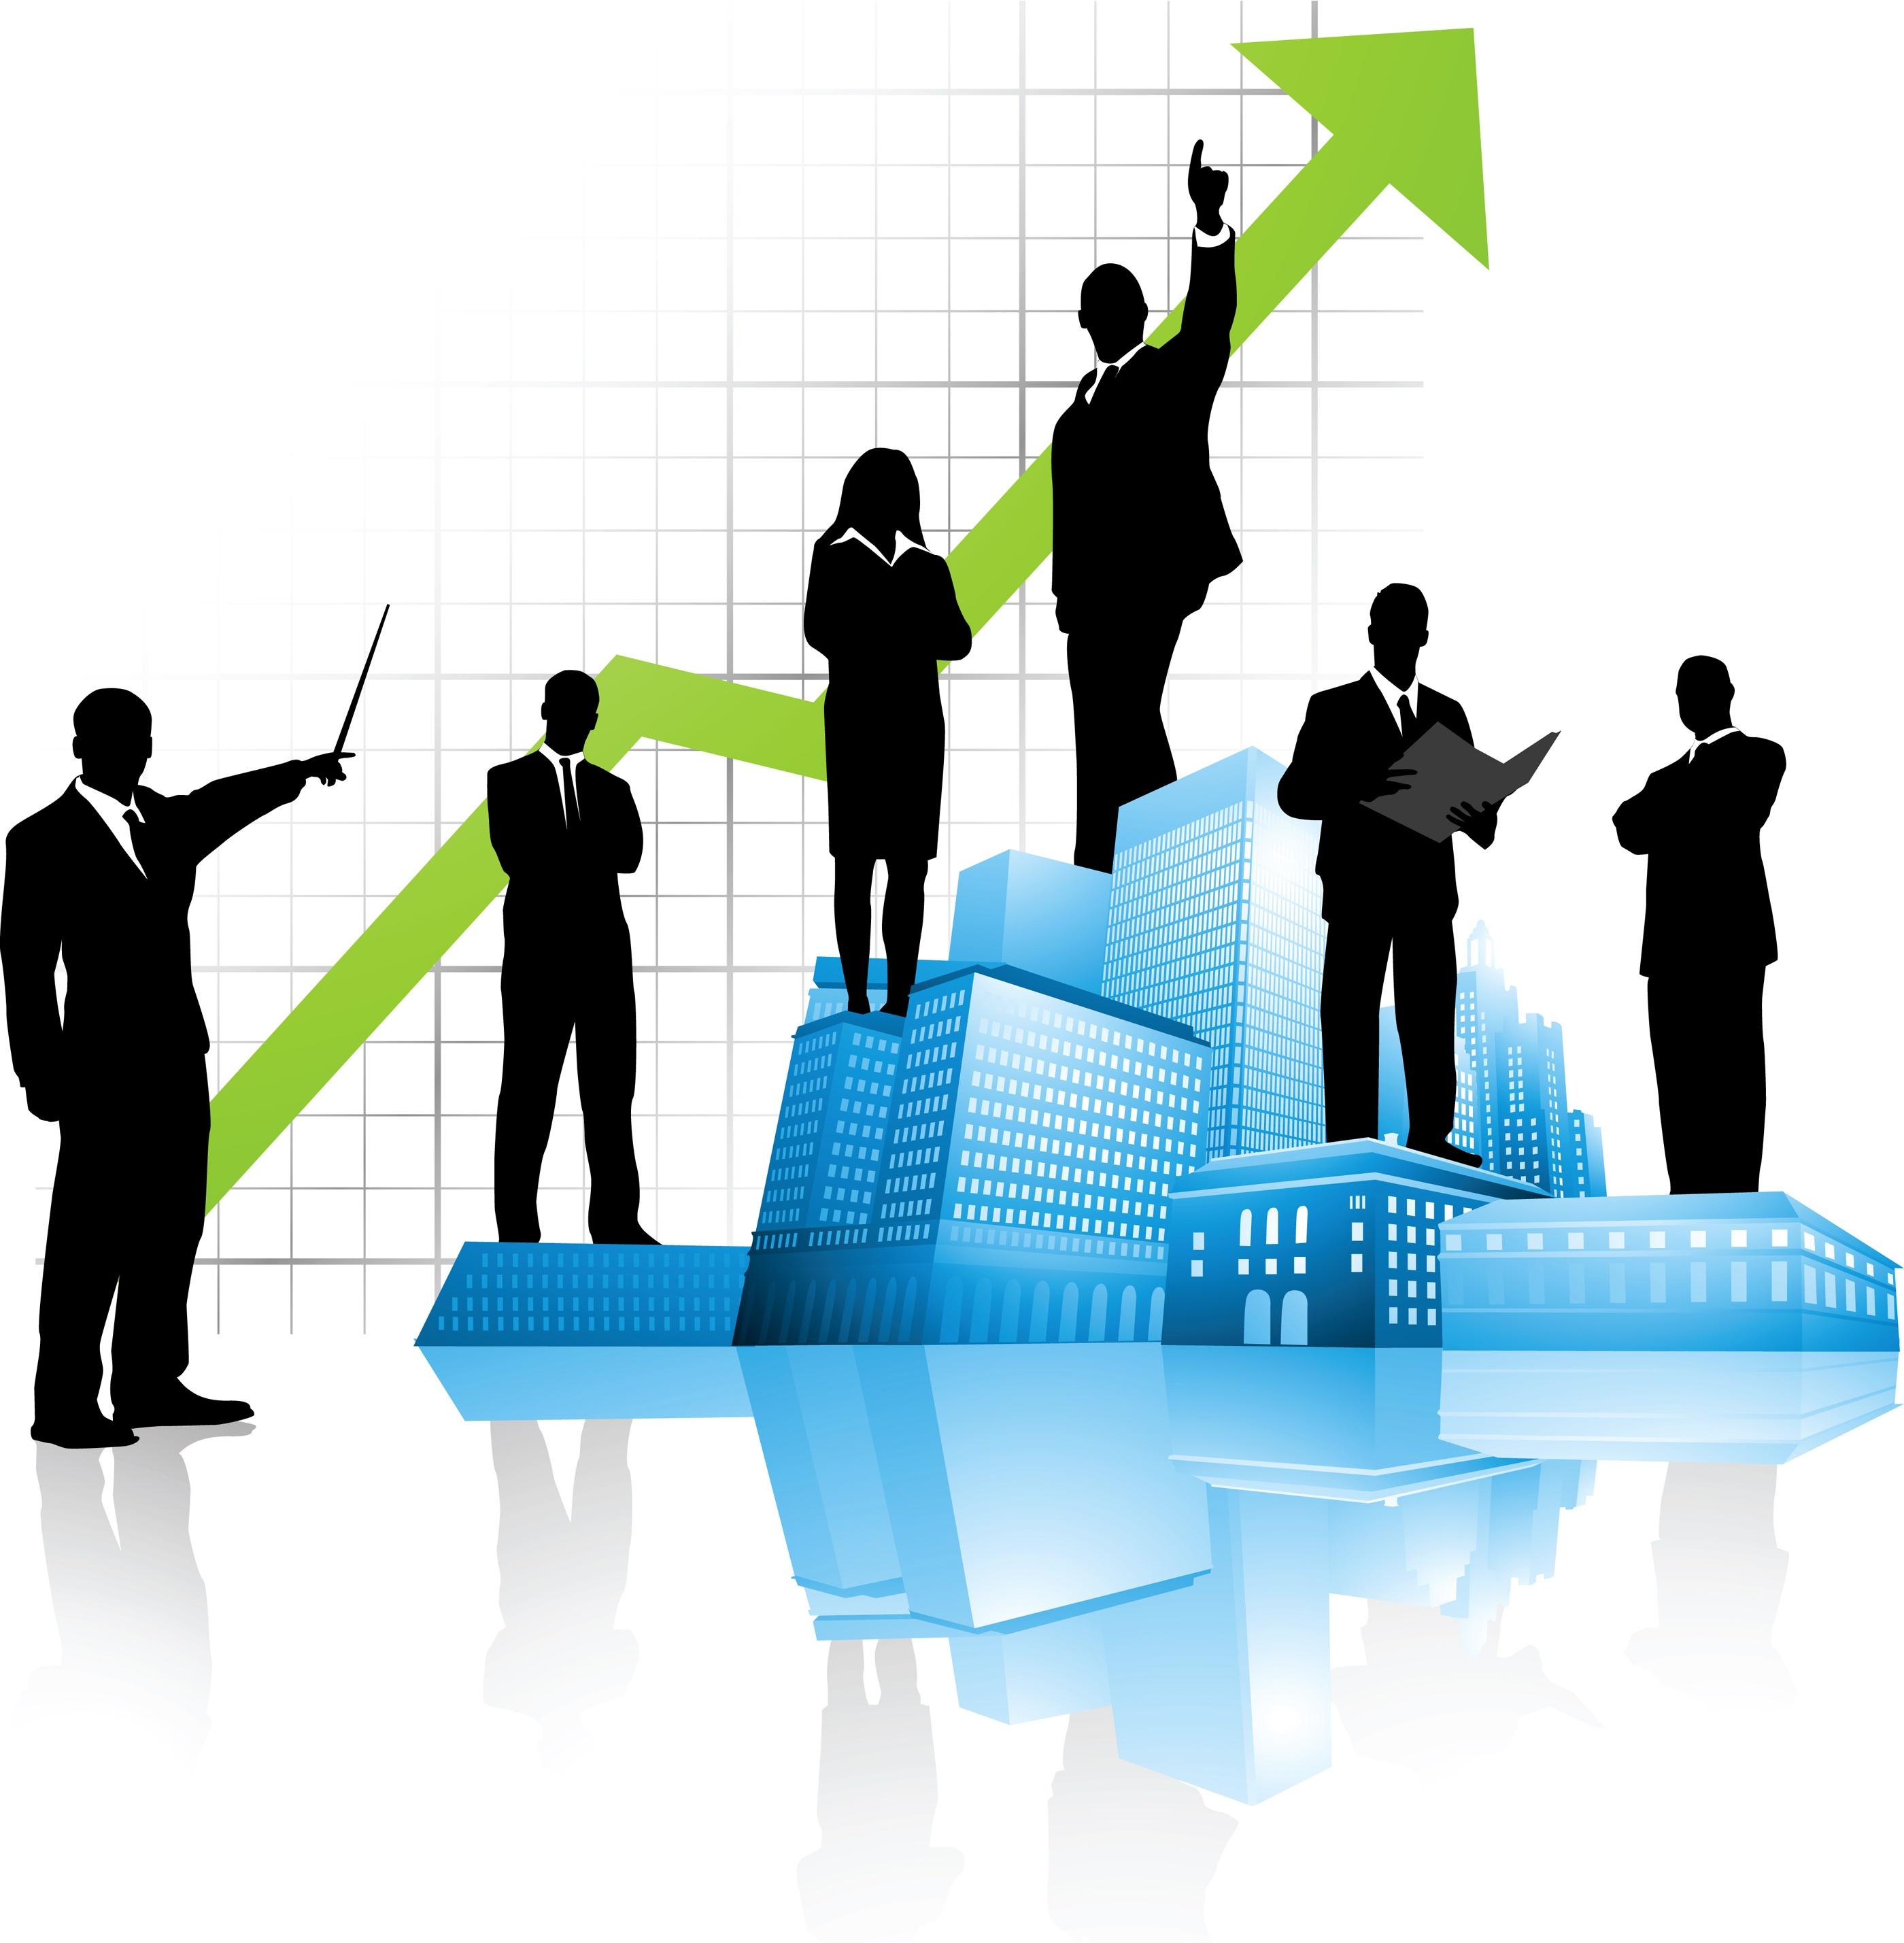 Финансовый менеджмент как форма предпринимательства Финансовая жизнь Финансовый менеджмент как форма предпринимательства Послать собственную хорошую работу